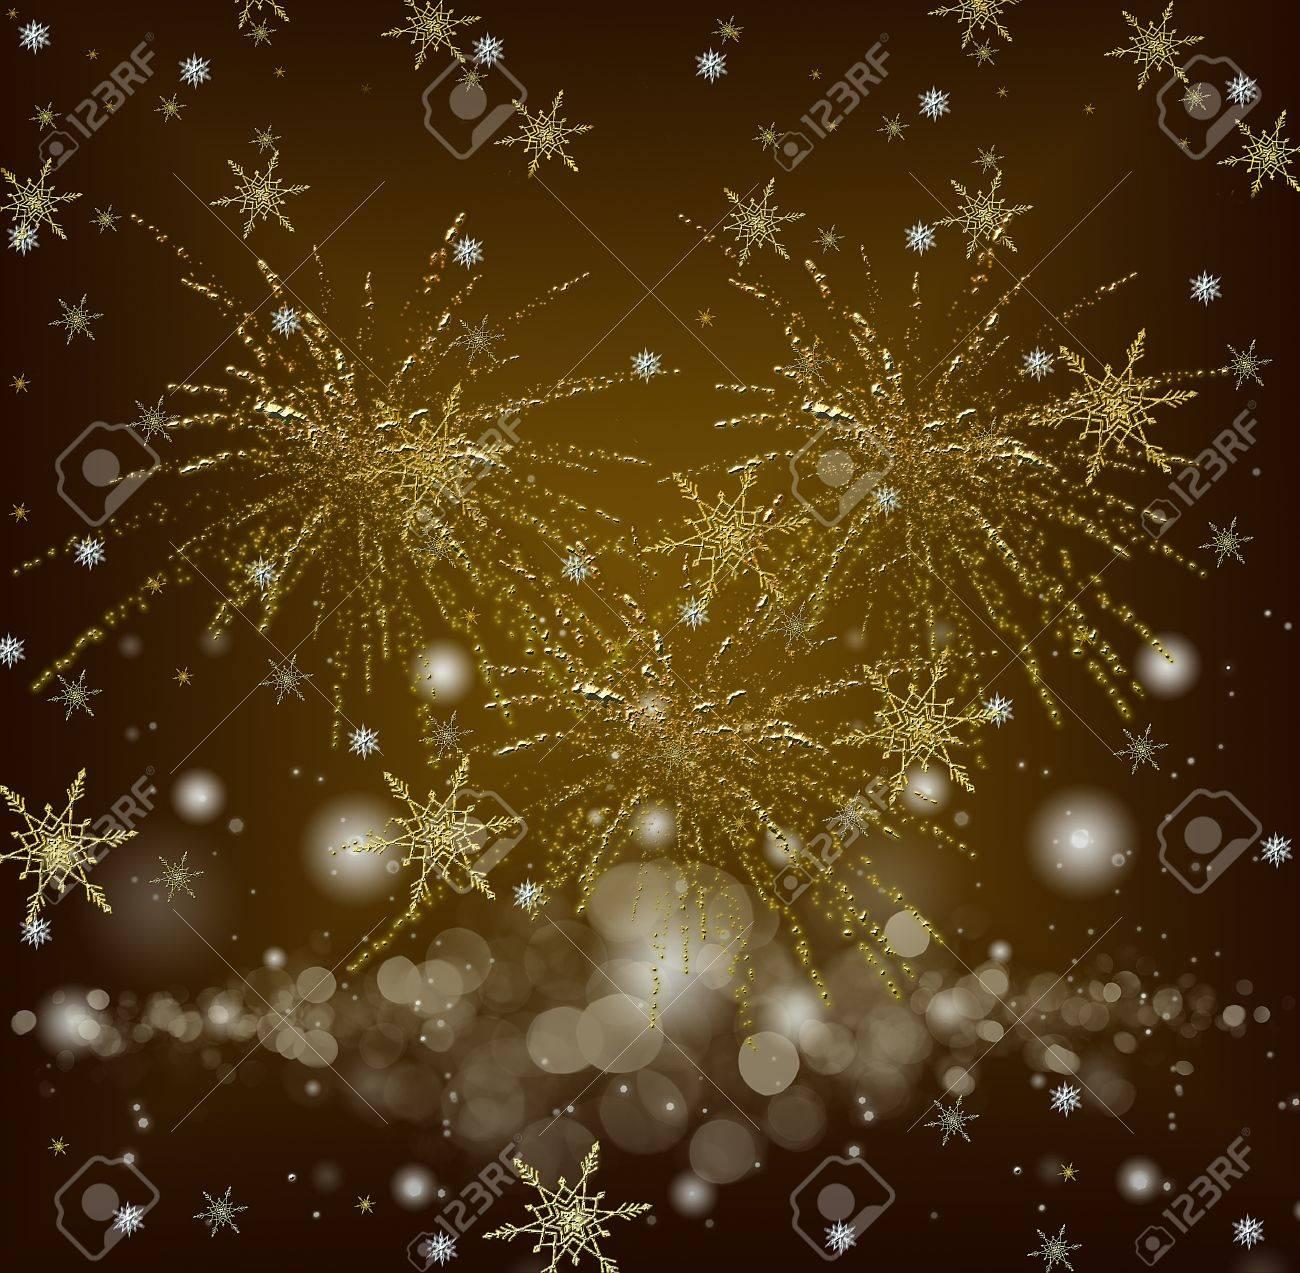 happy new year celebration background stock photo 16291887